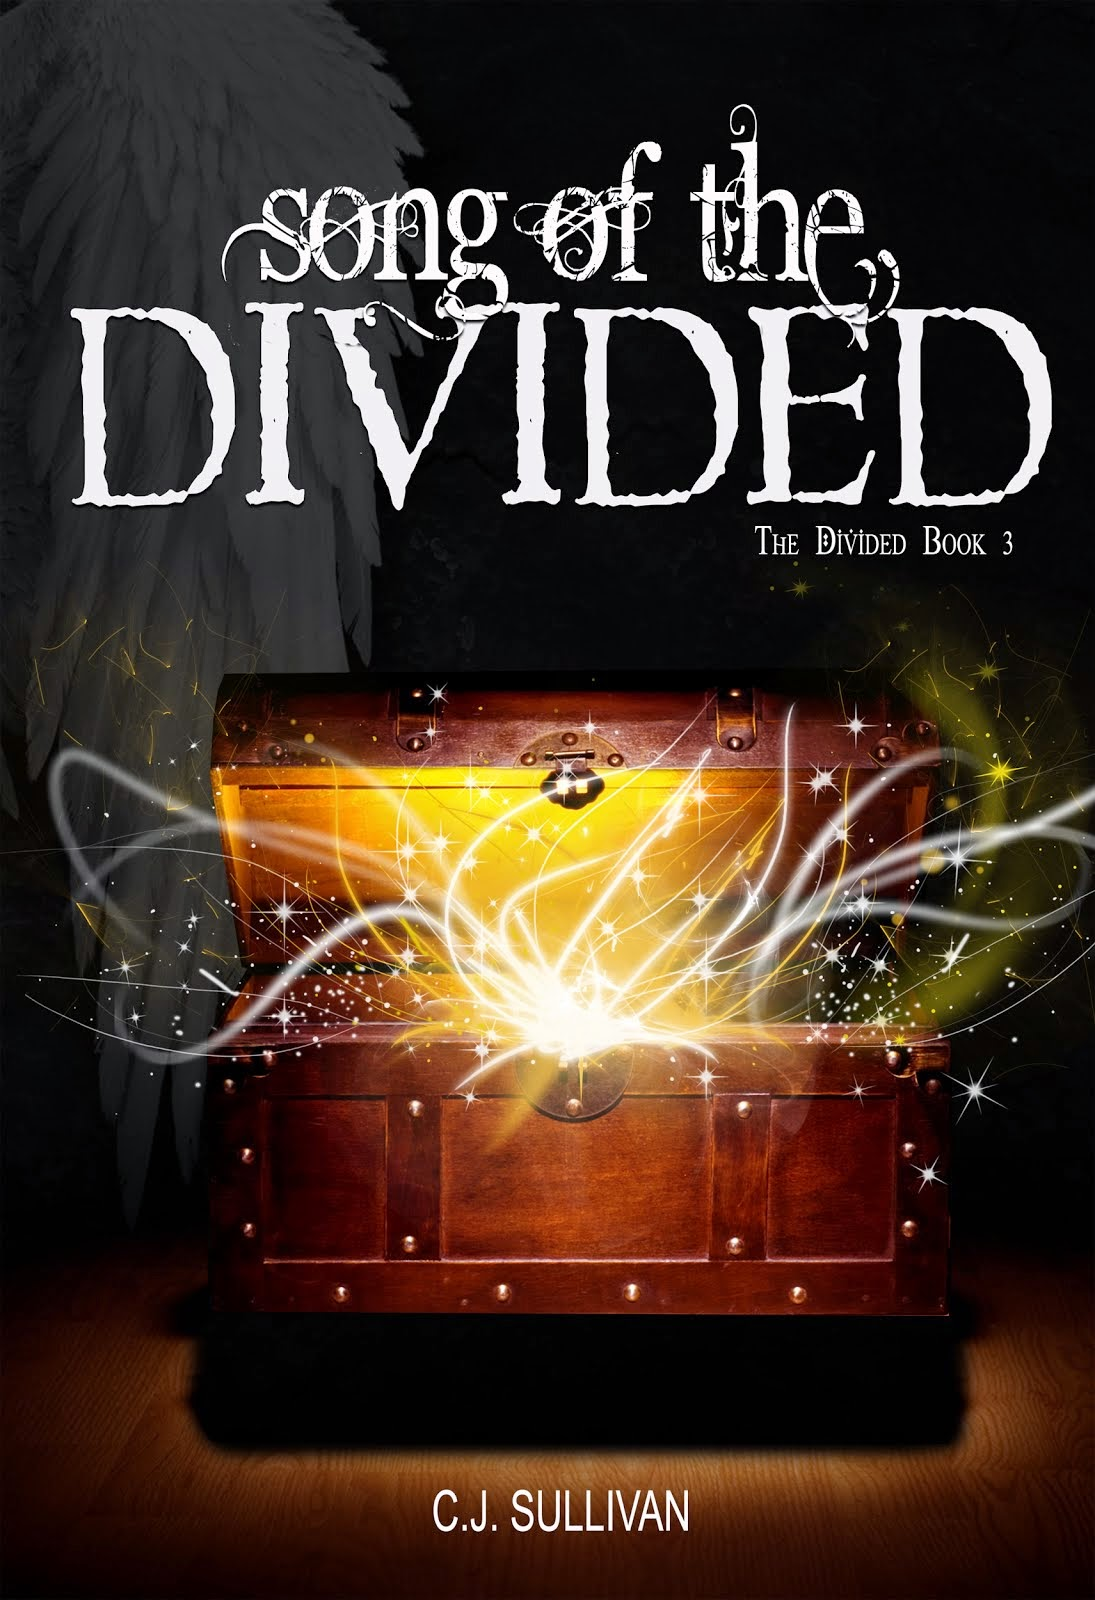 Book 3 (2013)